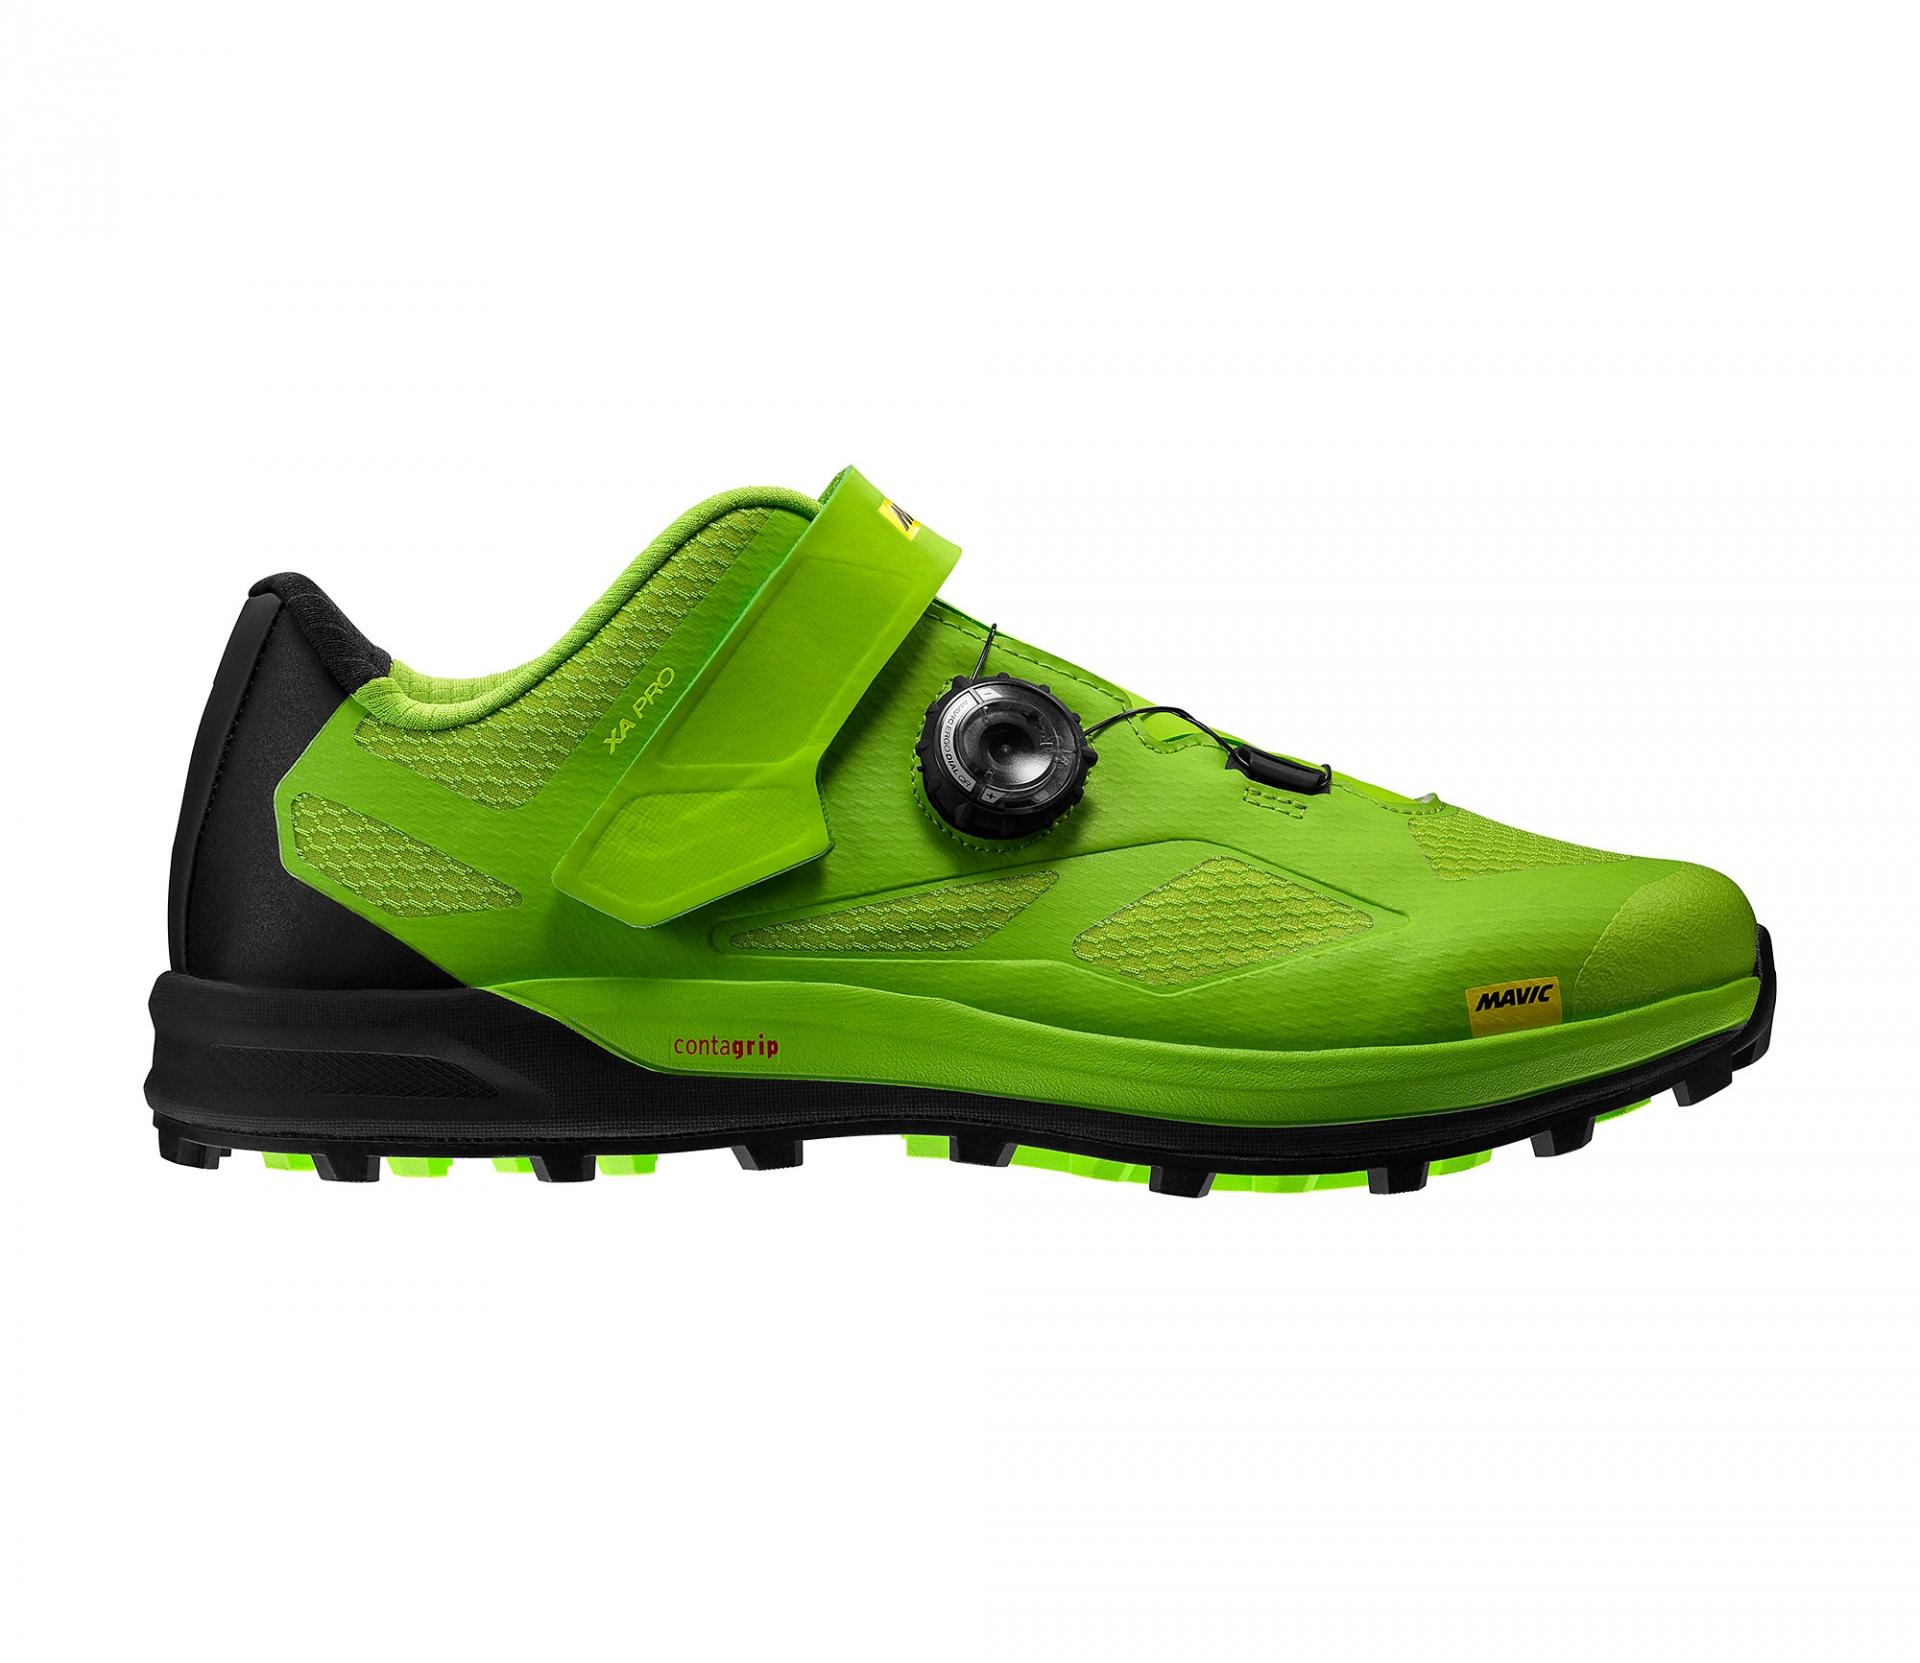 Chaussures VTT Mavic XA Pro Vert Lime/Noir Pirate - 43 1/3